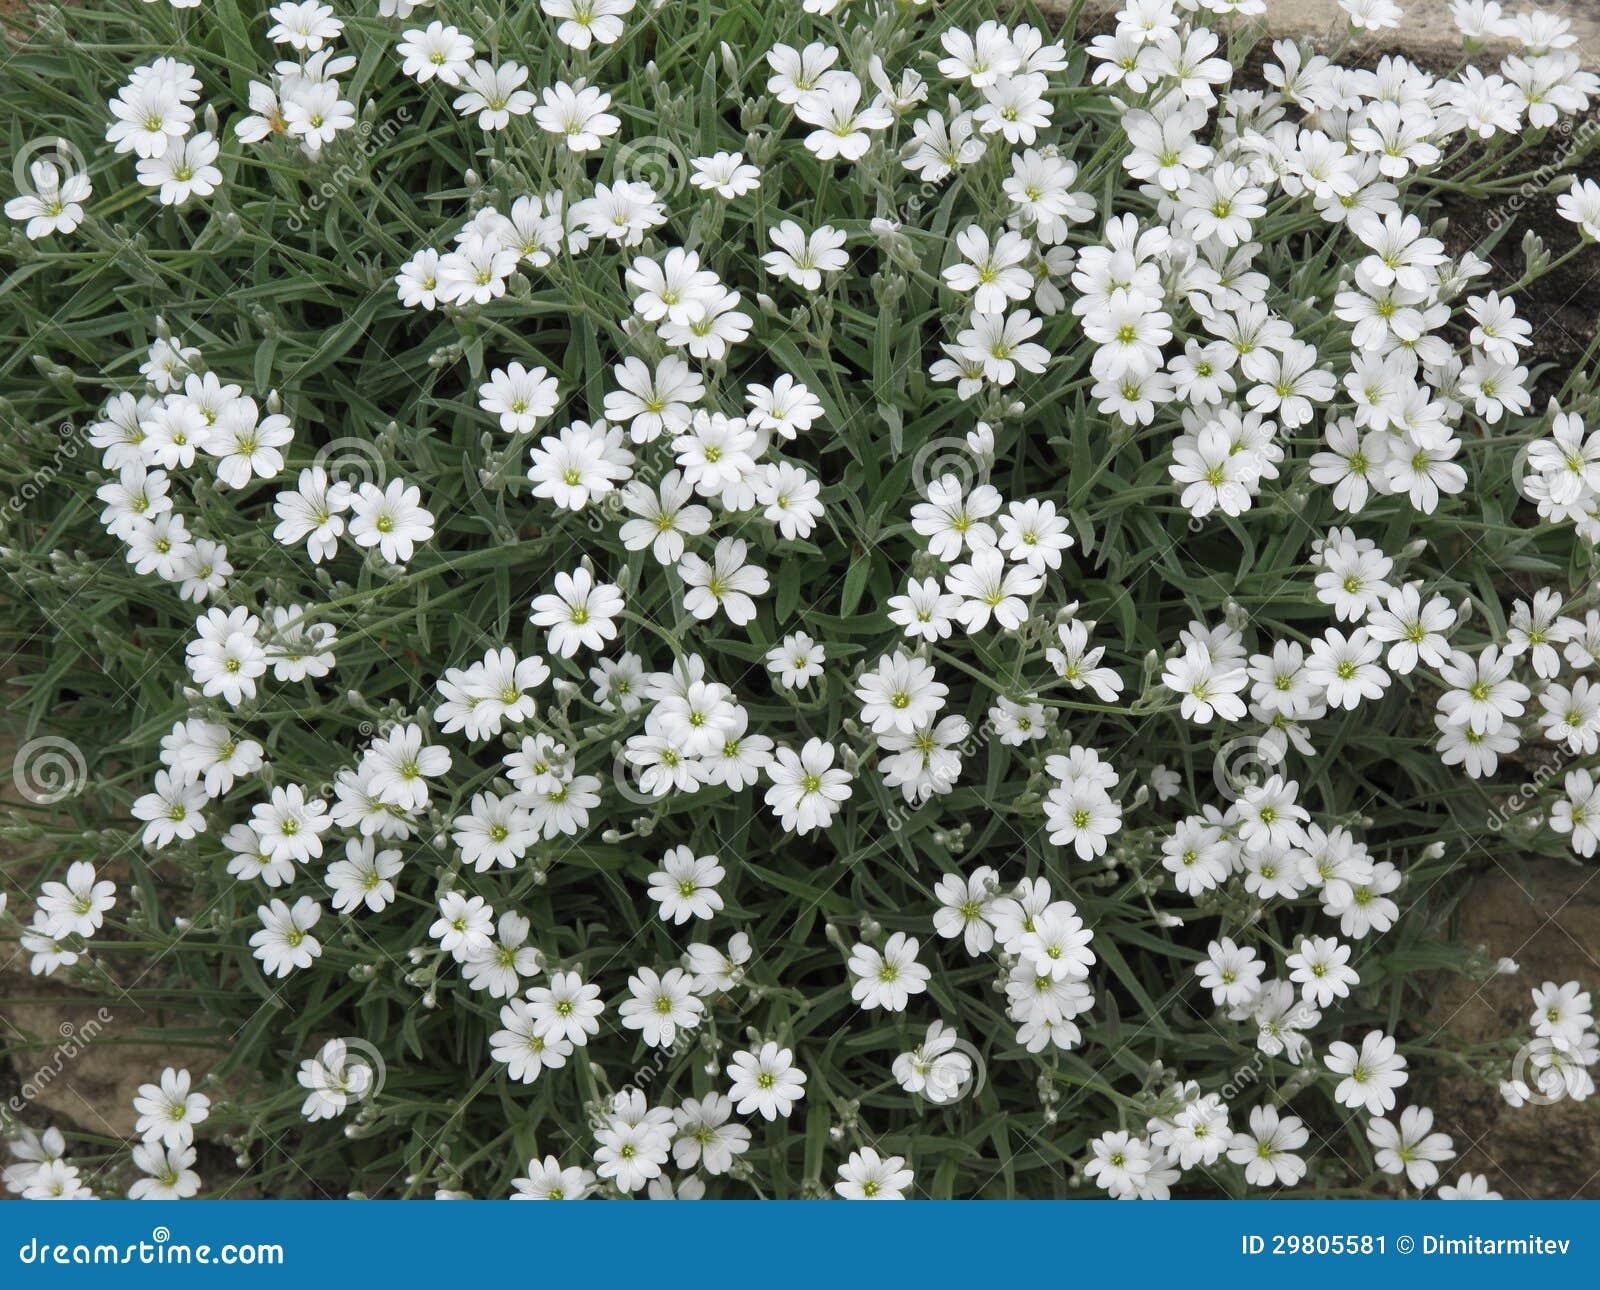 Molti piccoli fiori bianchi immagine stock immagine for Fiori piccoli bianchi